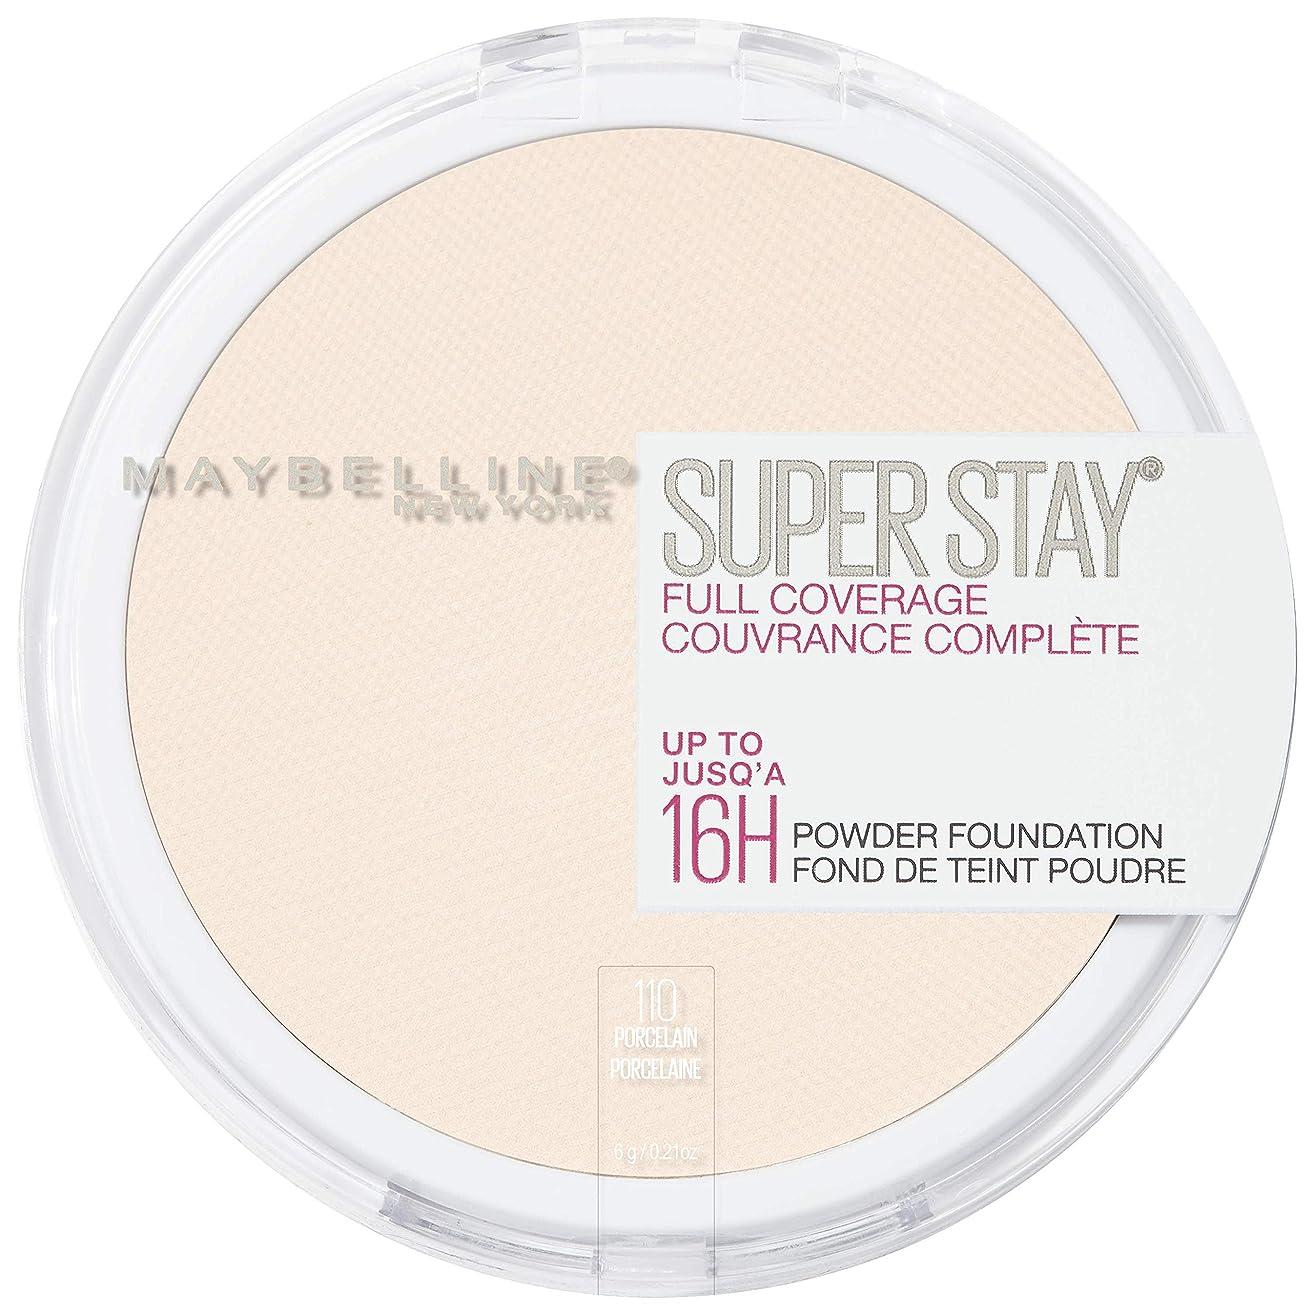 私たち結論救いMAYBELLINE Superstay Full Coverage Powder Foundation - Porcelain 110 (並行輸入品)